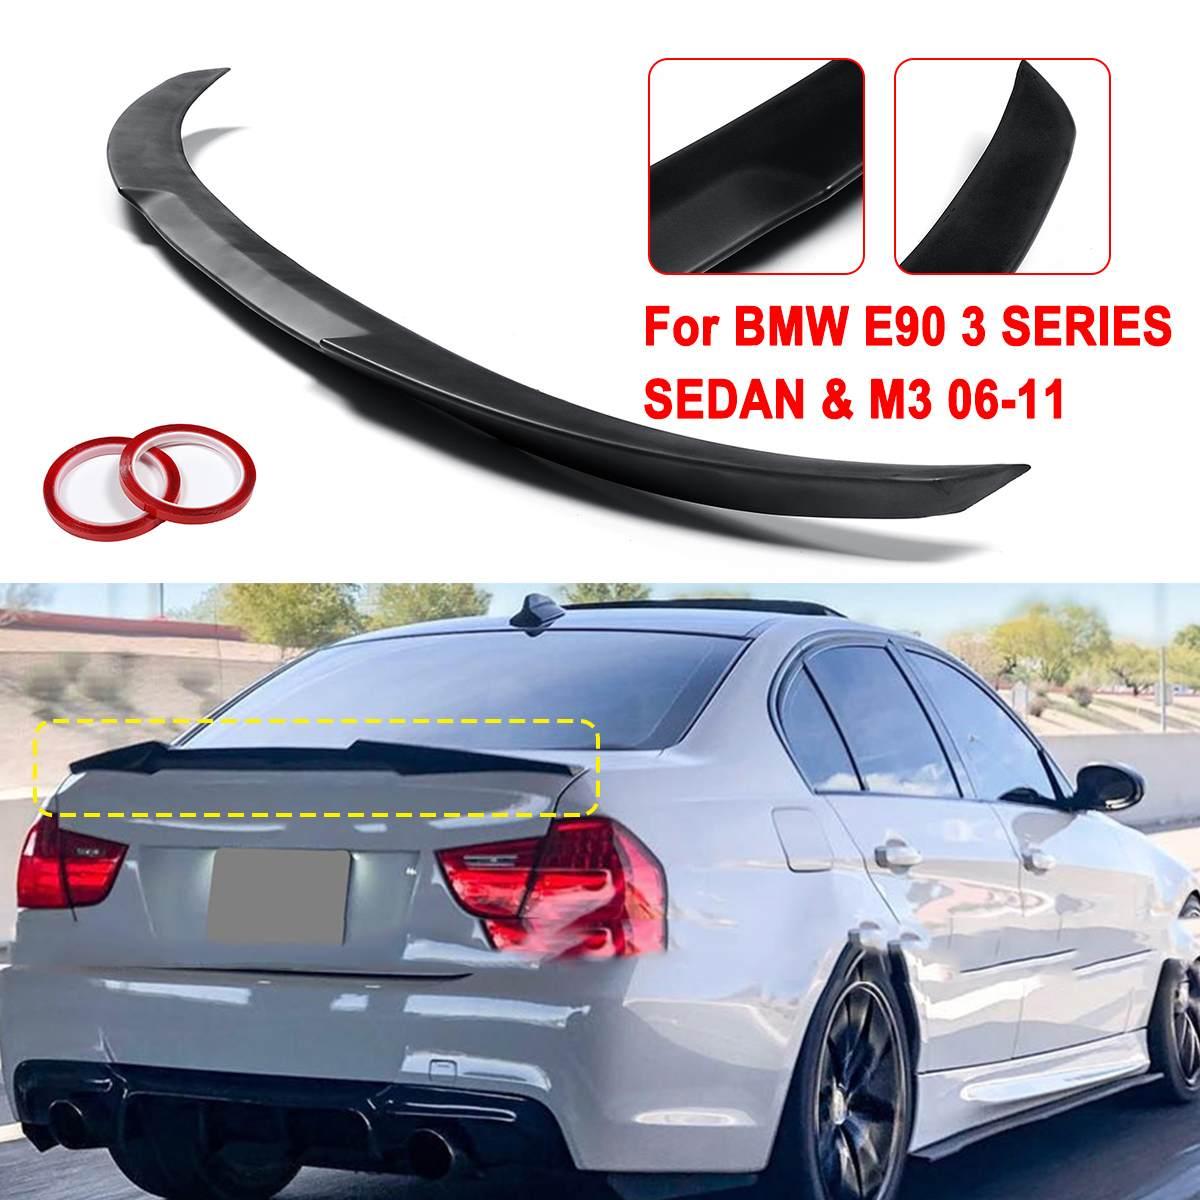 매트/광택 블랙/탄소 섬유 스타일 abs 트렁크 스포일러 윙 M4-STYLE 2006-2011 bmw e90 3 시리즈 세단 & m3 2008-2012